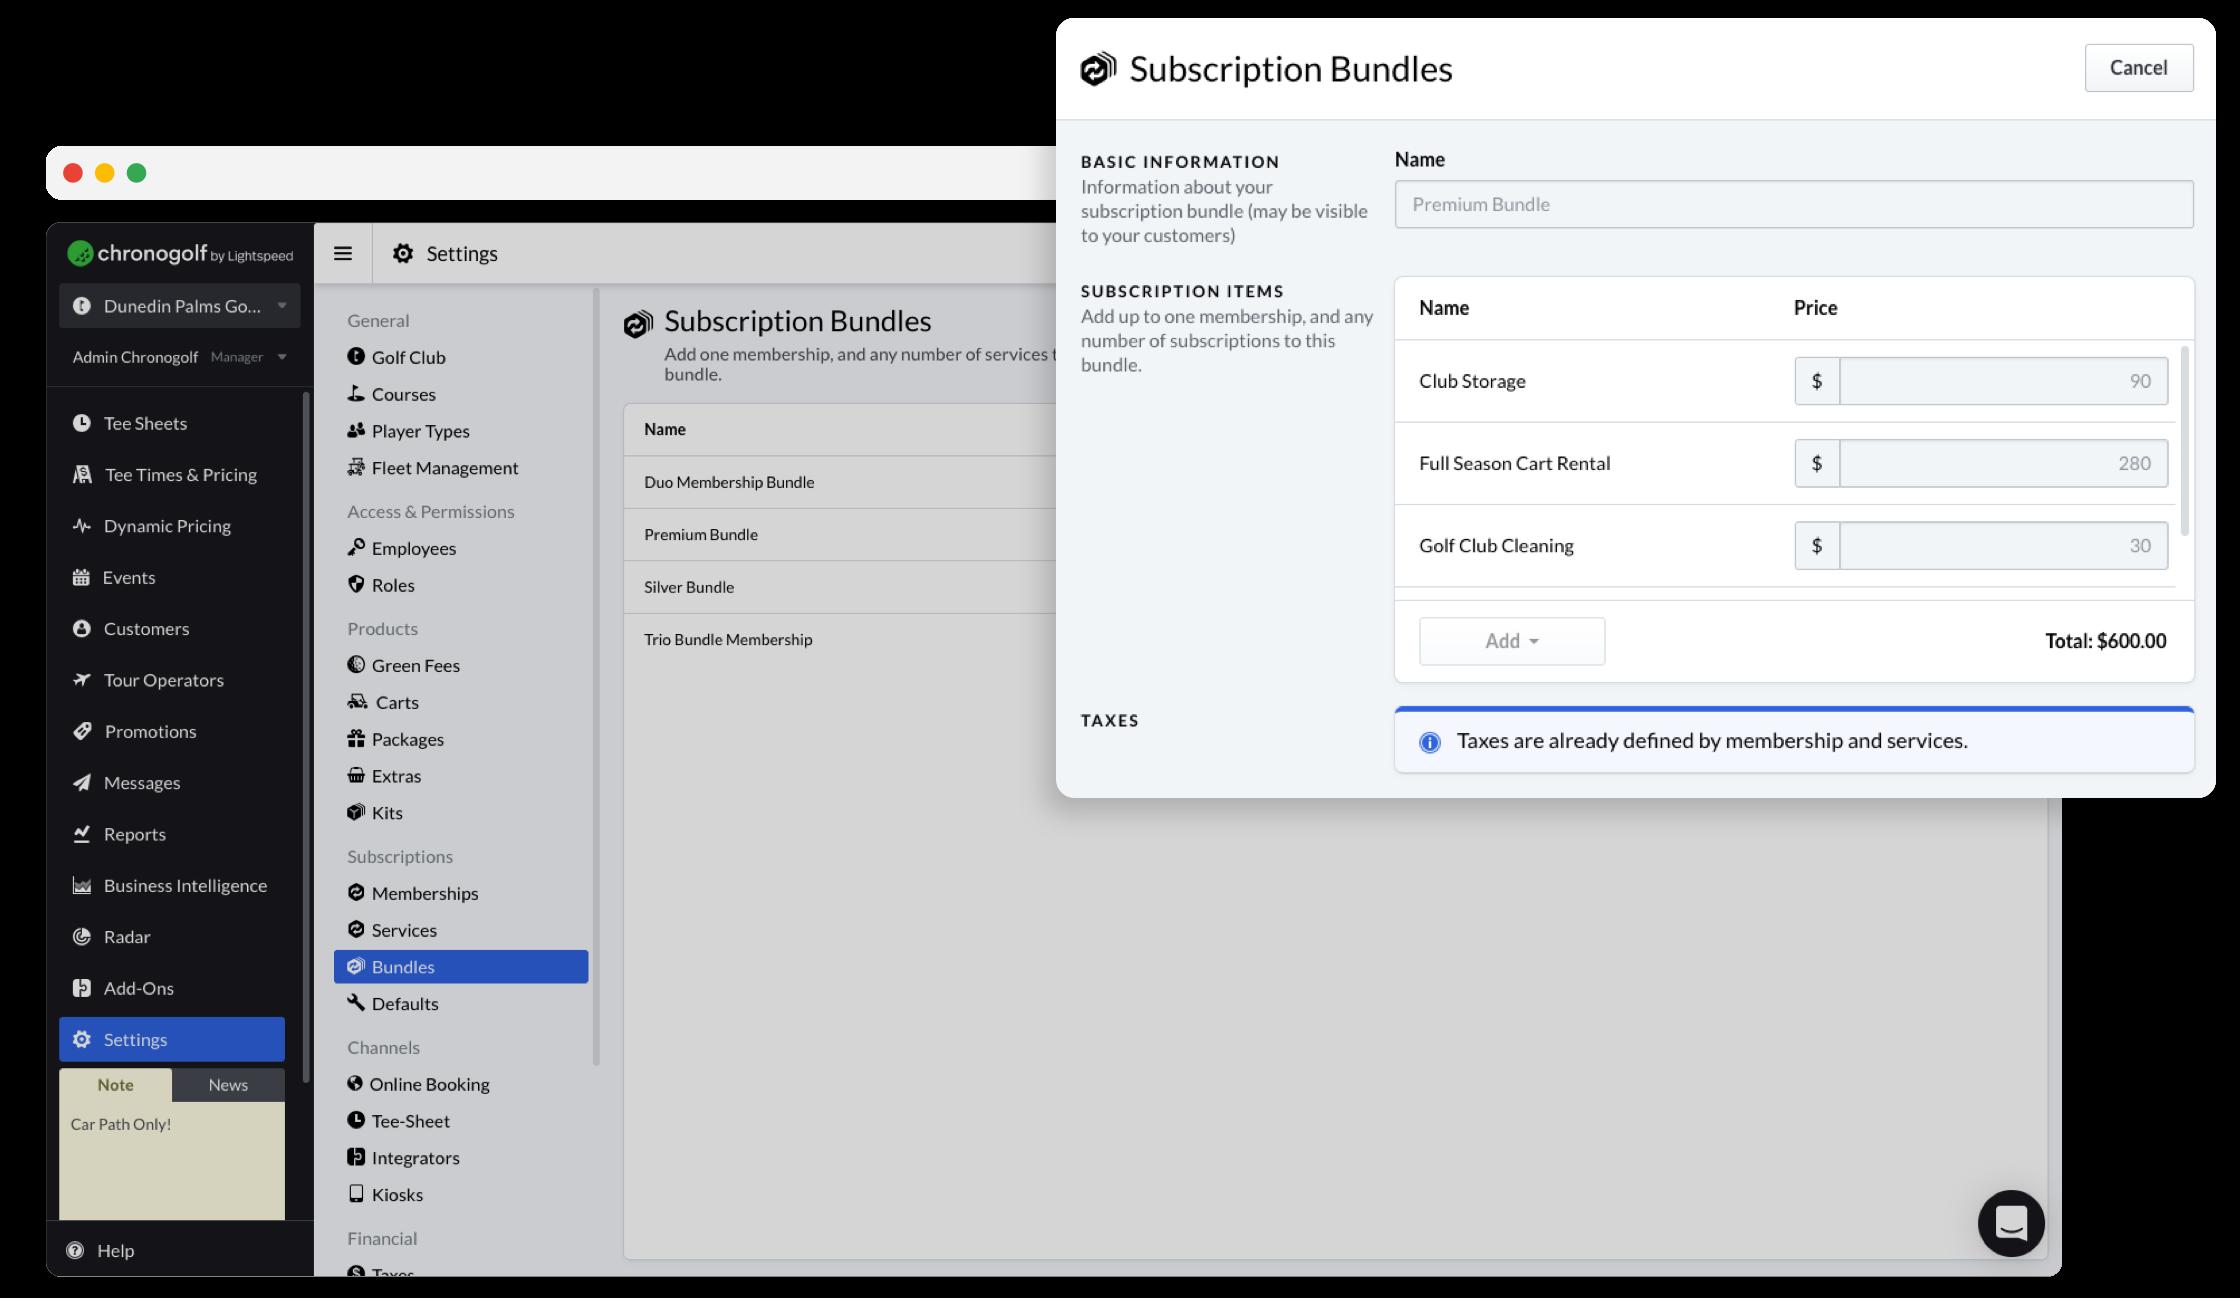 subscription-bundles-interface